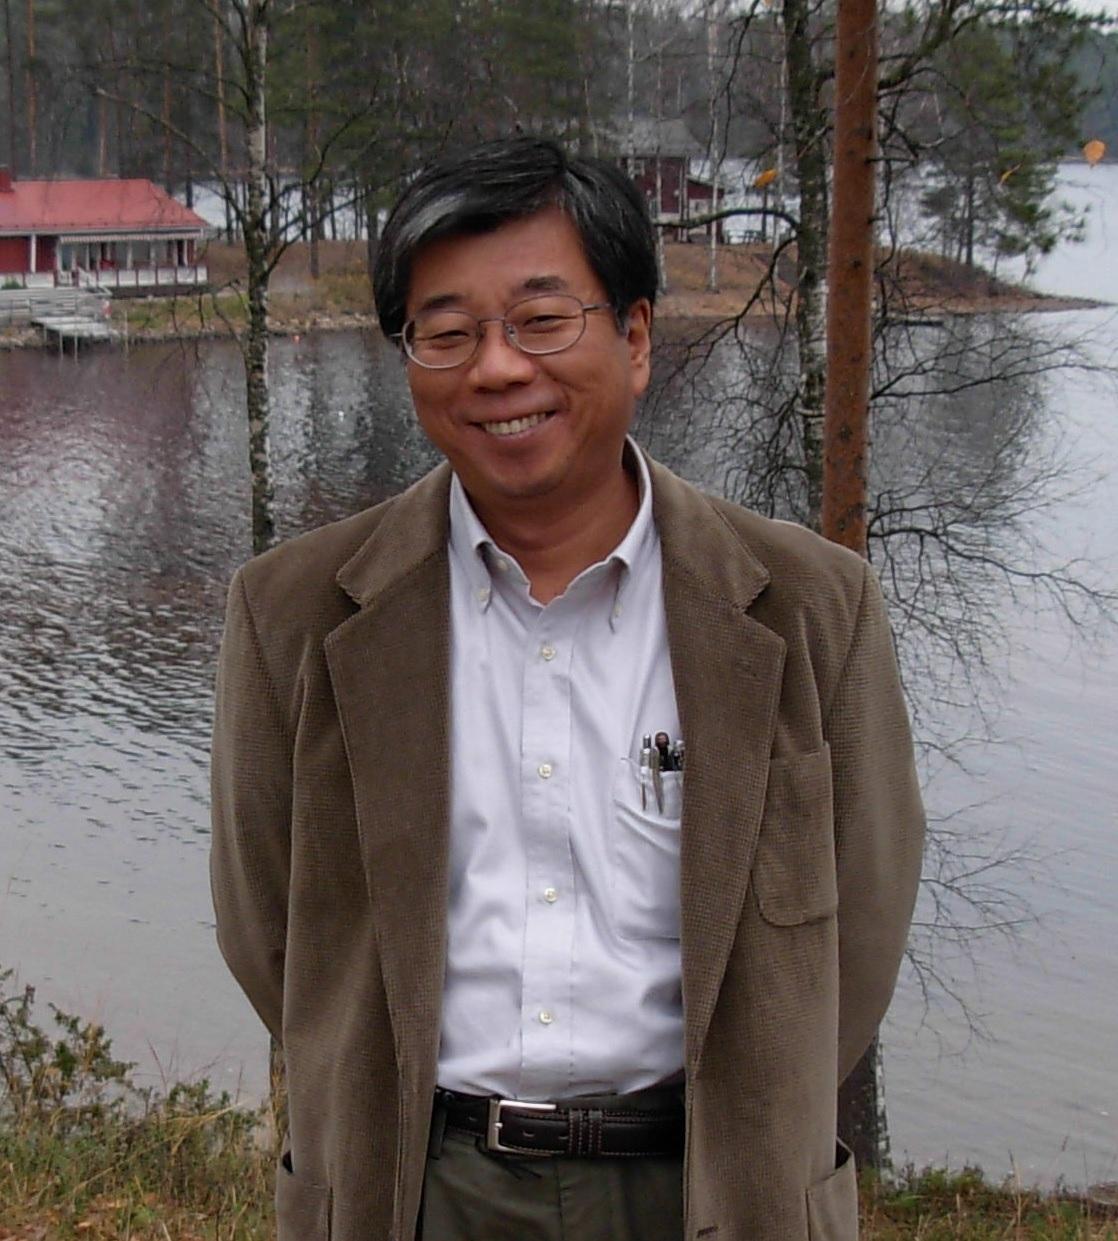 機能創造理工学科の高柳 和雄教授が参加する研究グループの成果がNature誌に論文として掲載されます